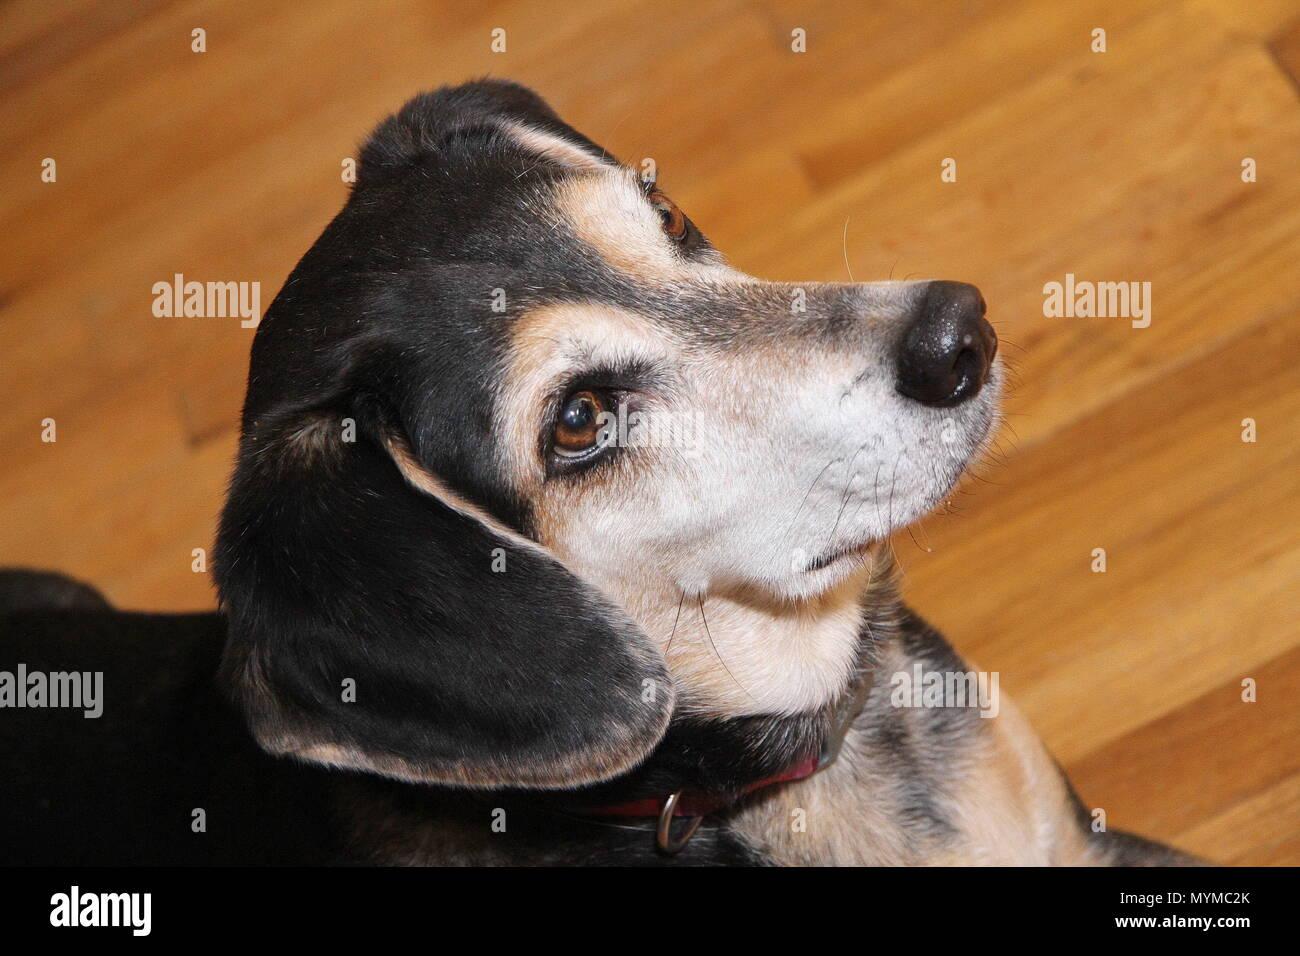 Sweet Lady Dog - Stock Image